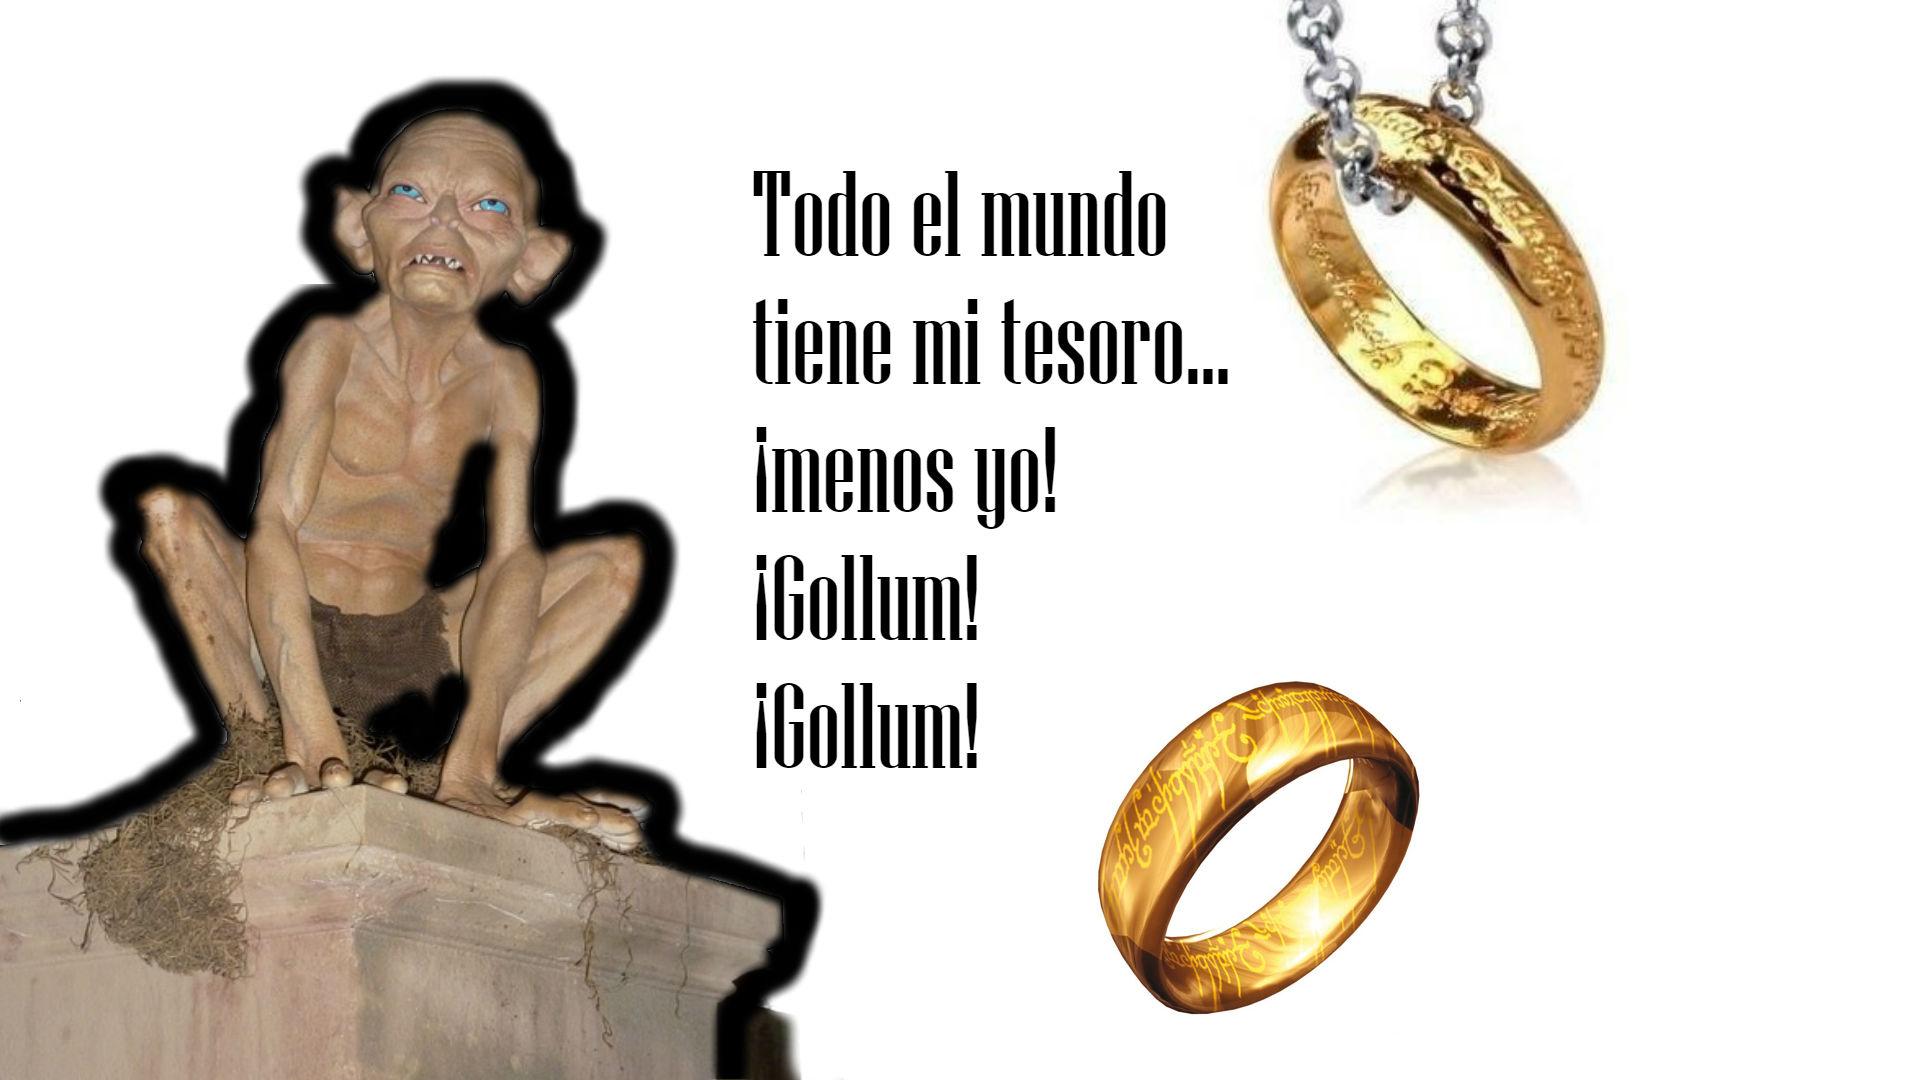 anillo_unico_el_senor_de_los_anillos.jpg